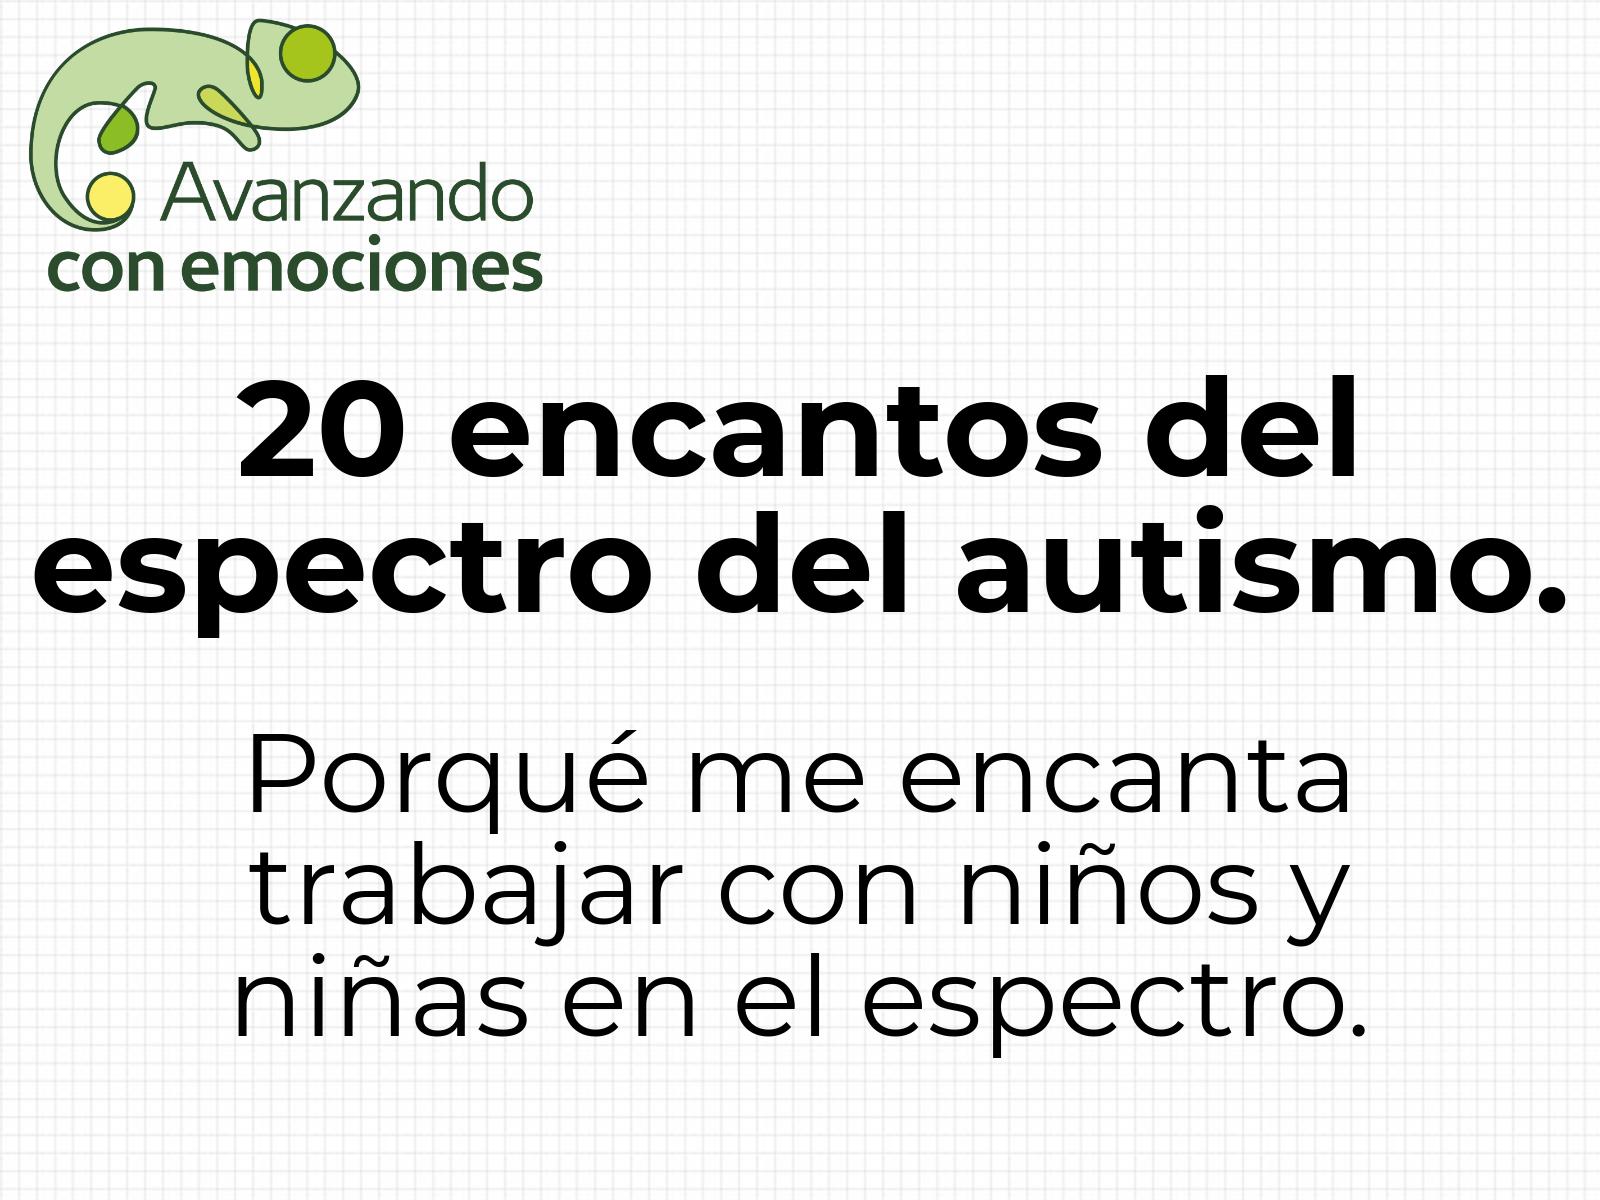 20 encantos del espectro del autismo.